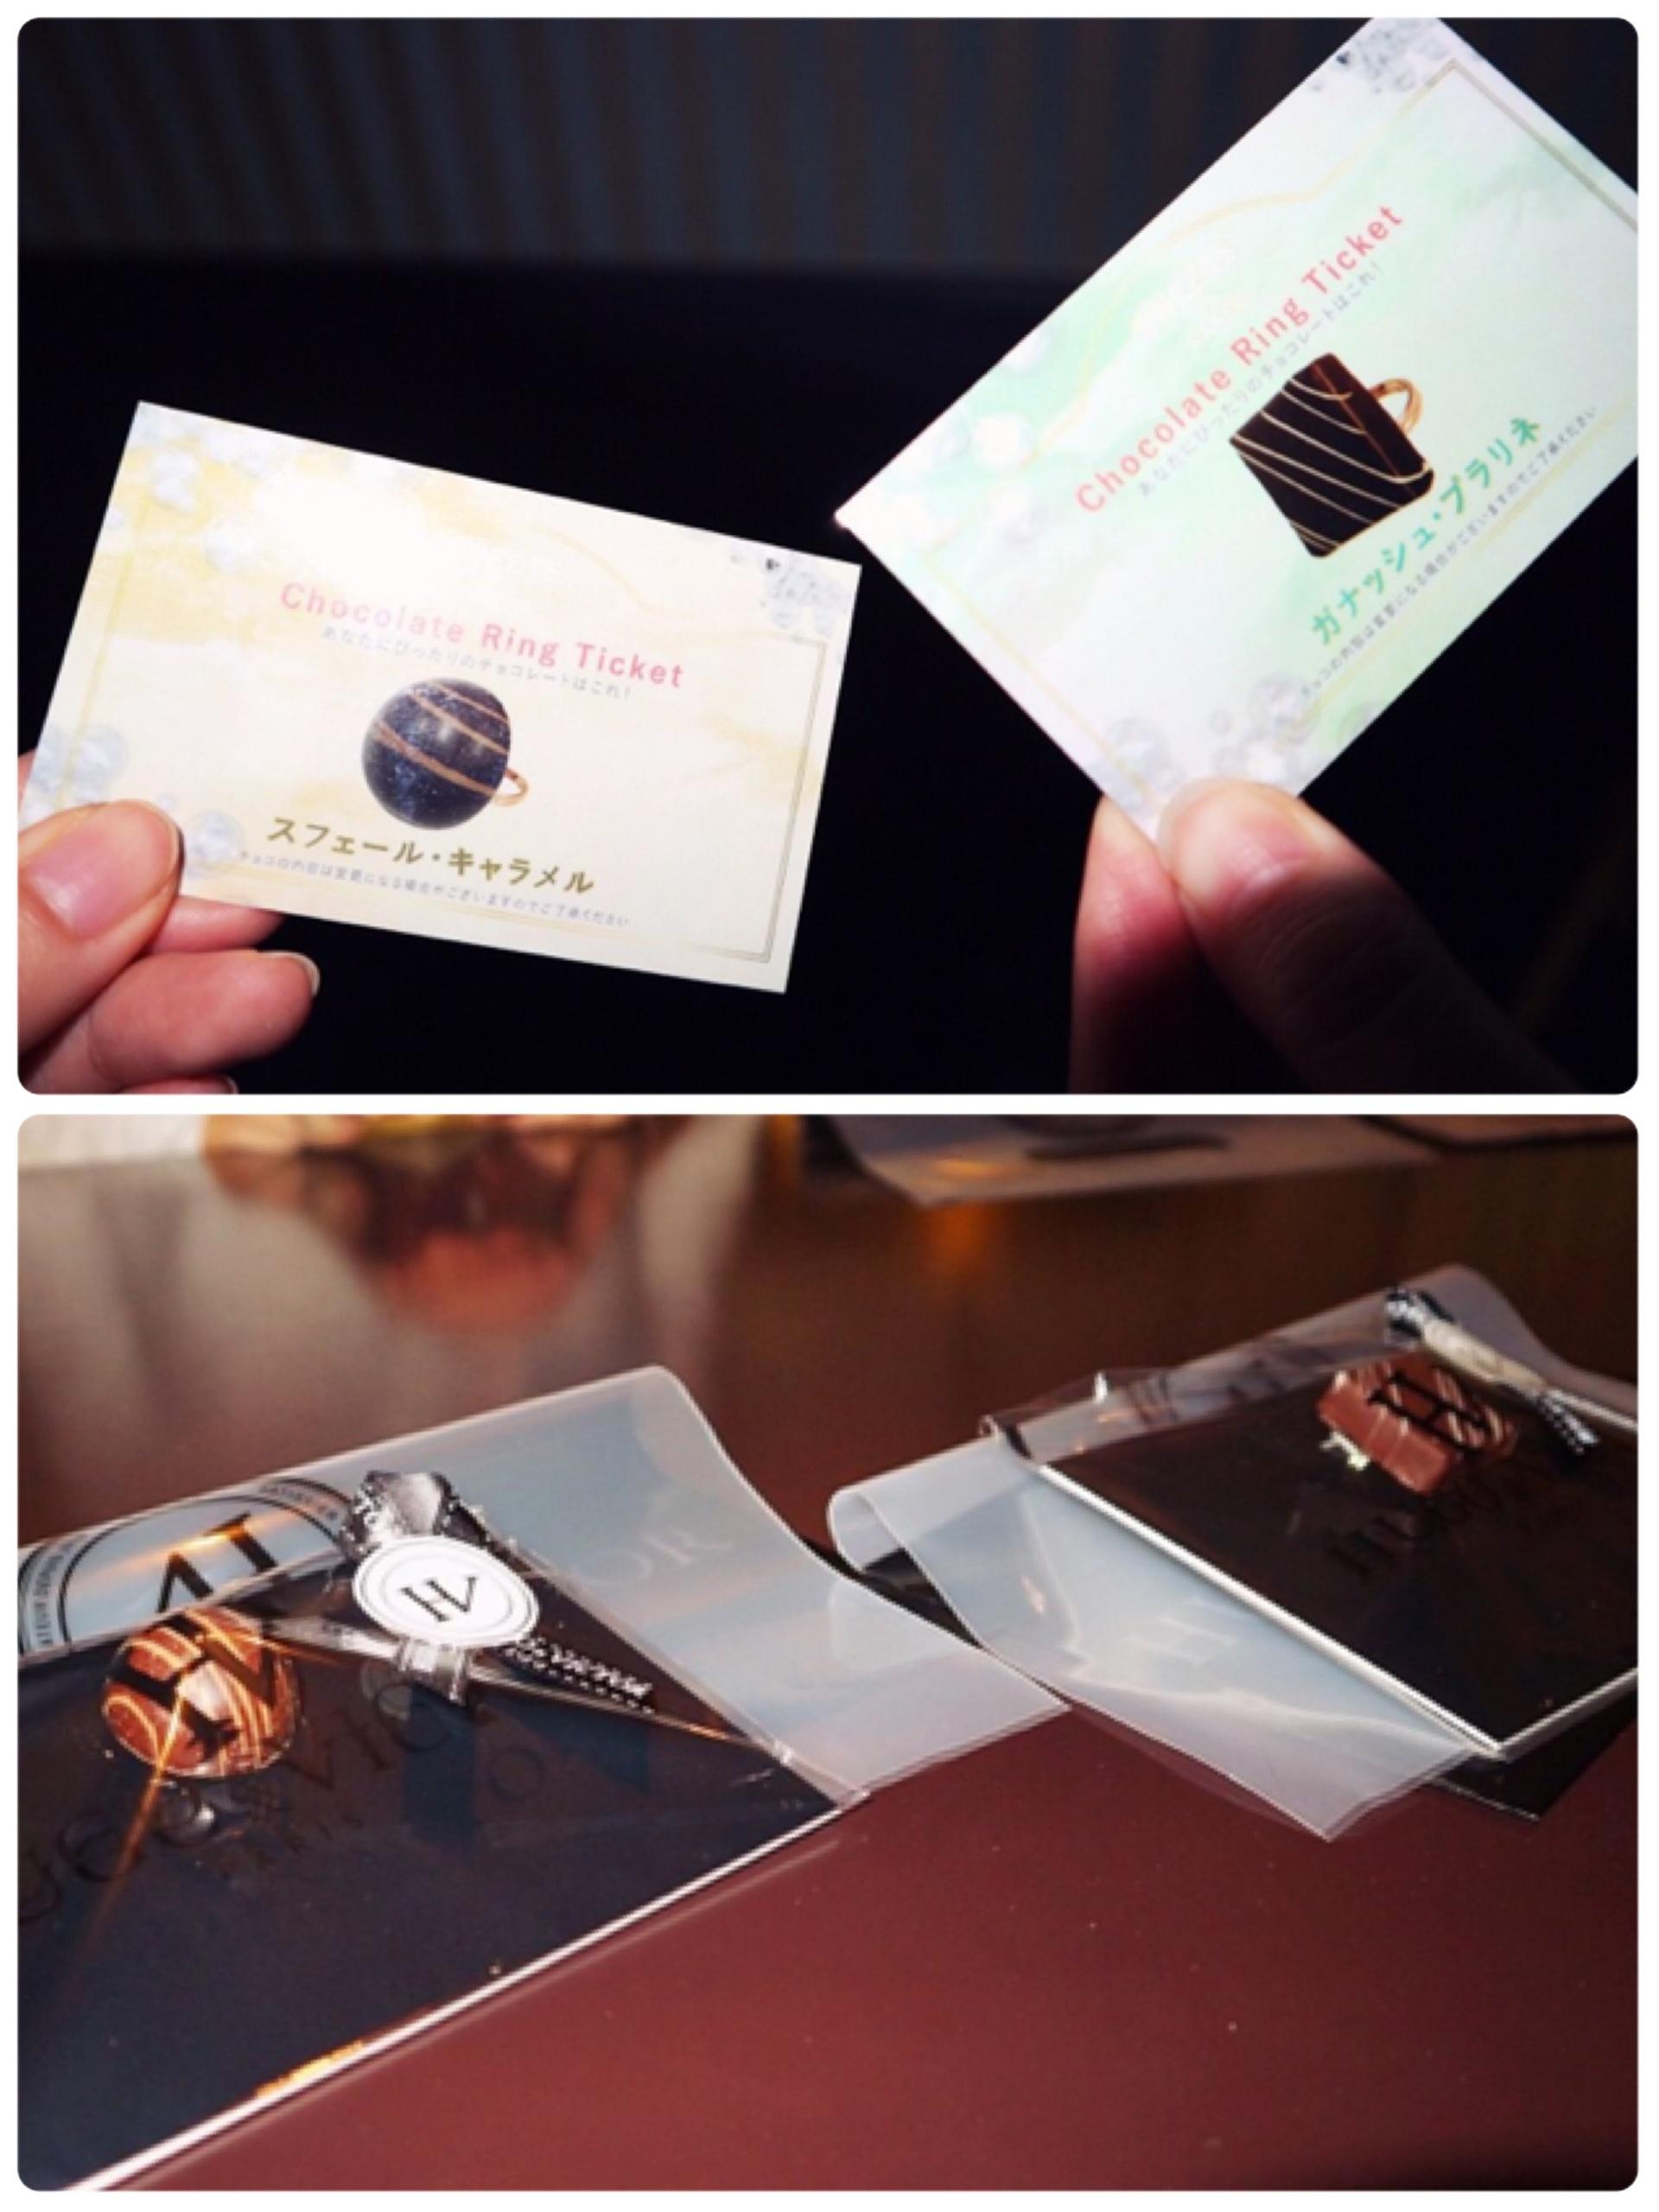 『お菓子の街』が表参道に現れた!キャンディのネオン看板❤︎ハチミツの街灯❤︎ブラウニーの石畳❤︎チョコレートの惑星❤︎カップケーキの火山…お菓子の魔法にかけられて✨≪samenyan≫_17